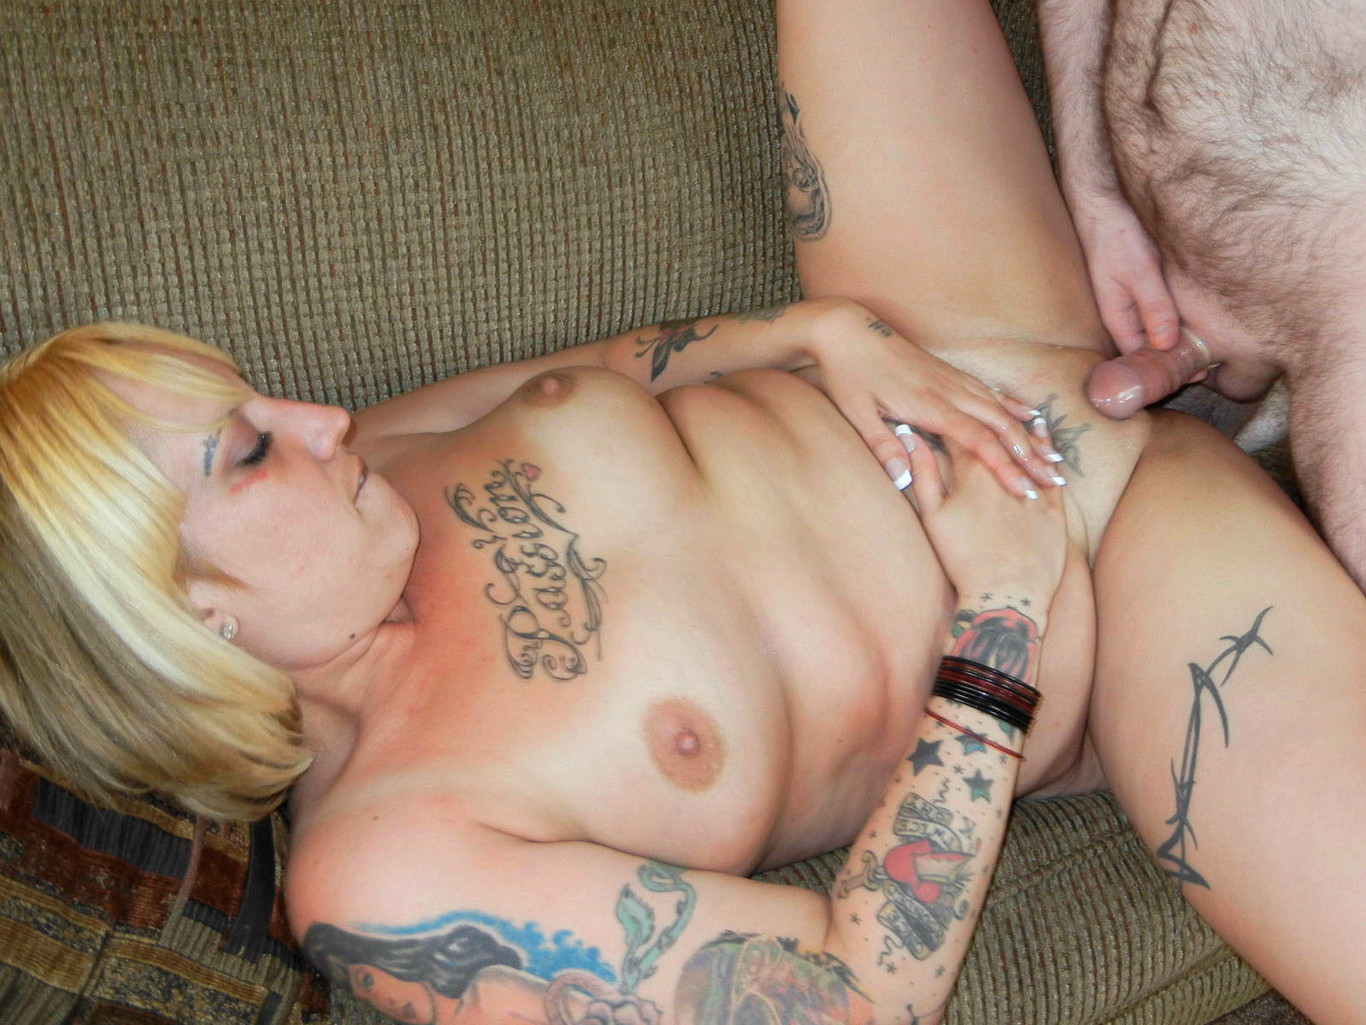 Фото татуировки отличающие шлюх и проституток, как уговорить девушку на вирт по скайпу